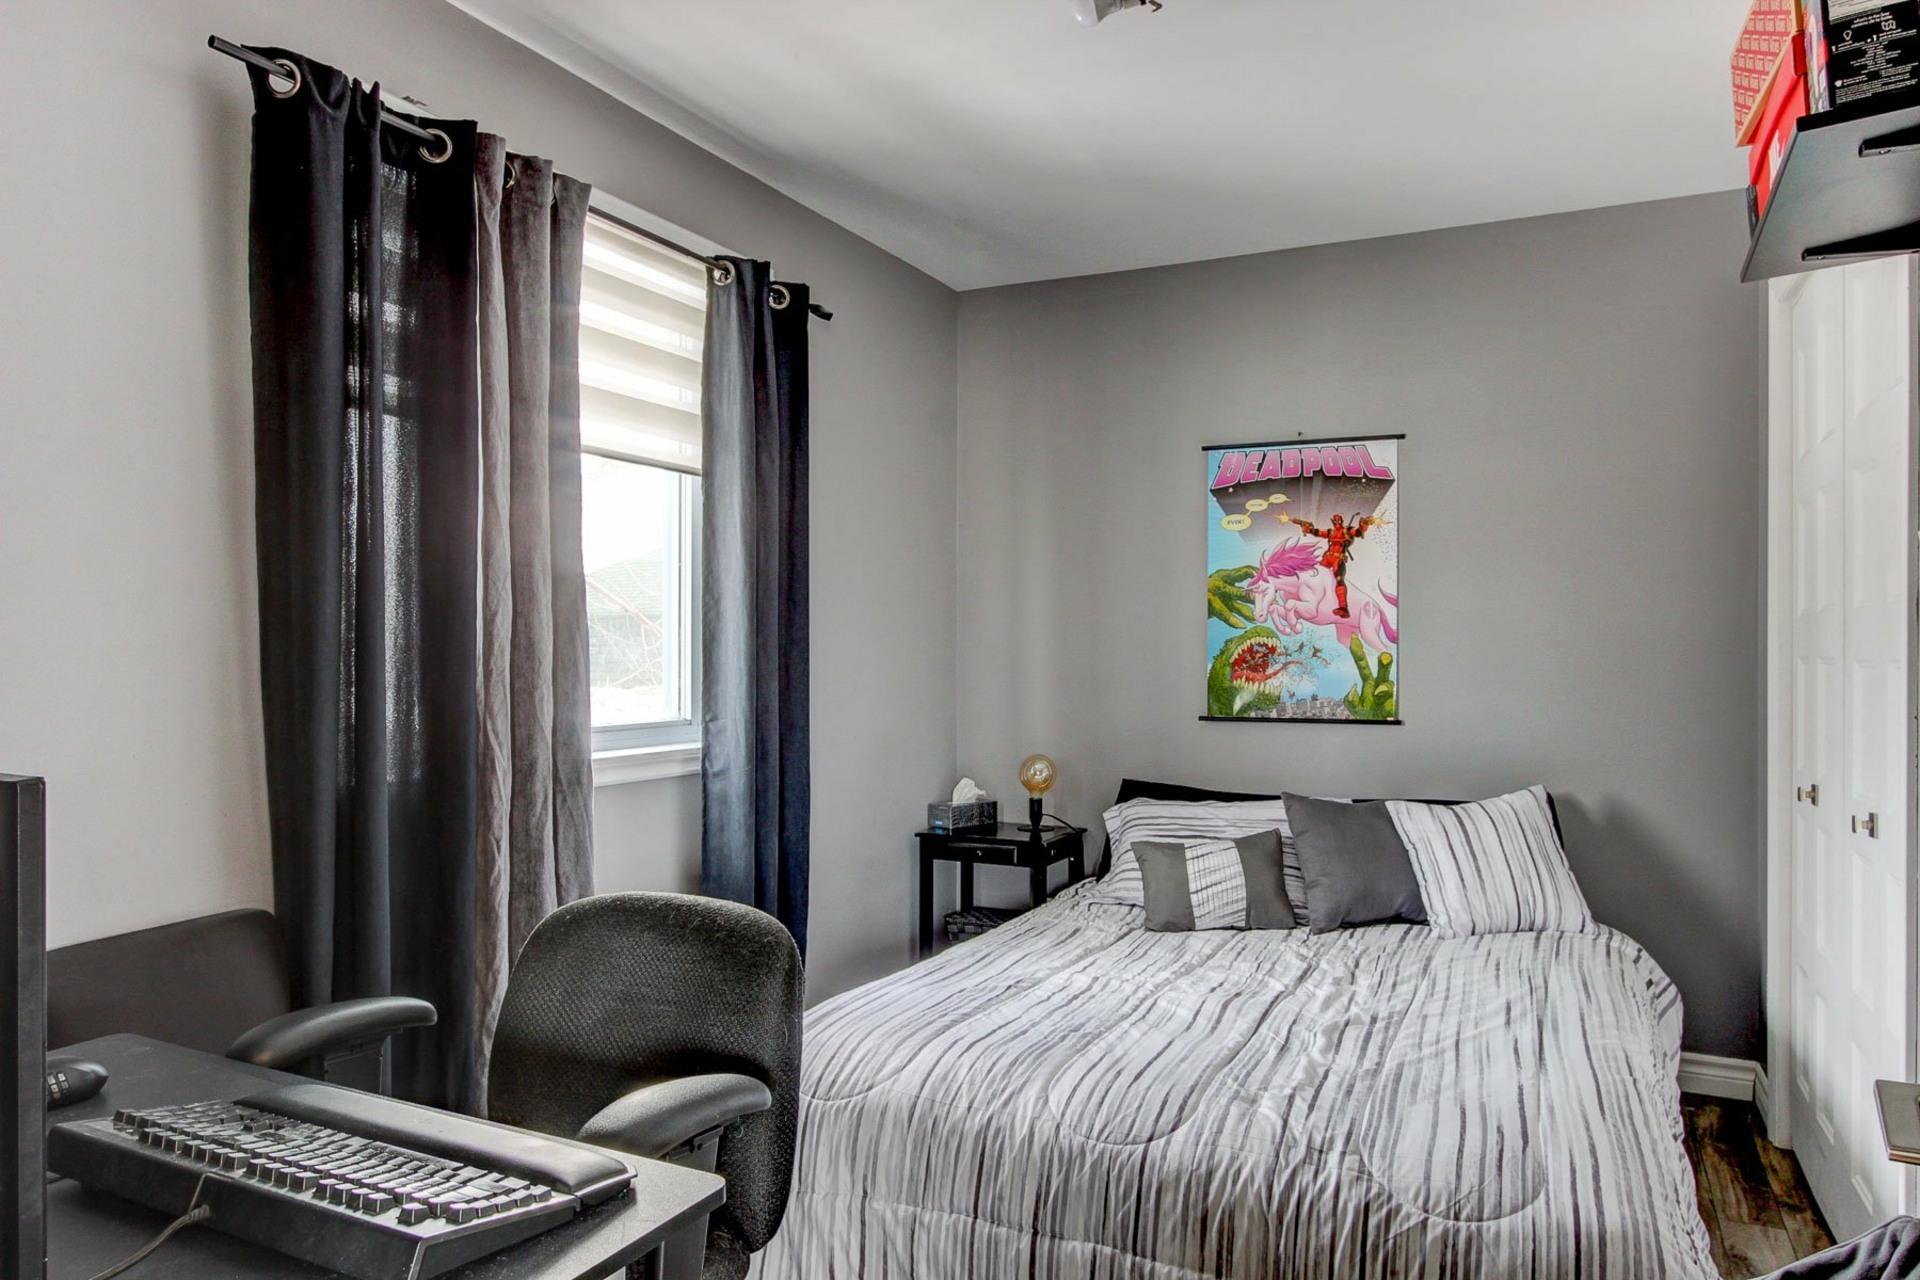 image 9 - Duplex À vendre Trois-Rivières - 8 pièces